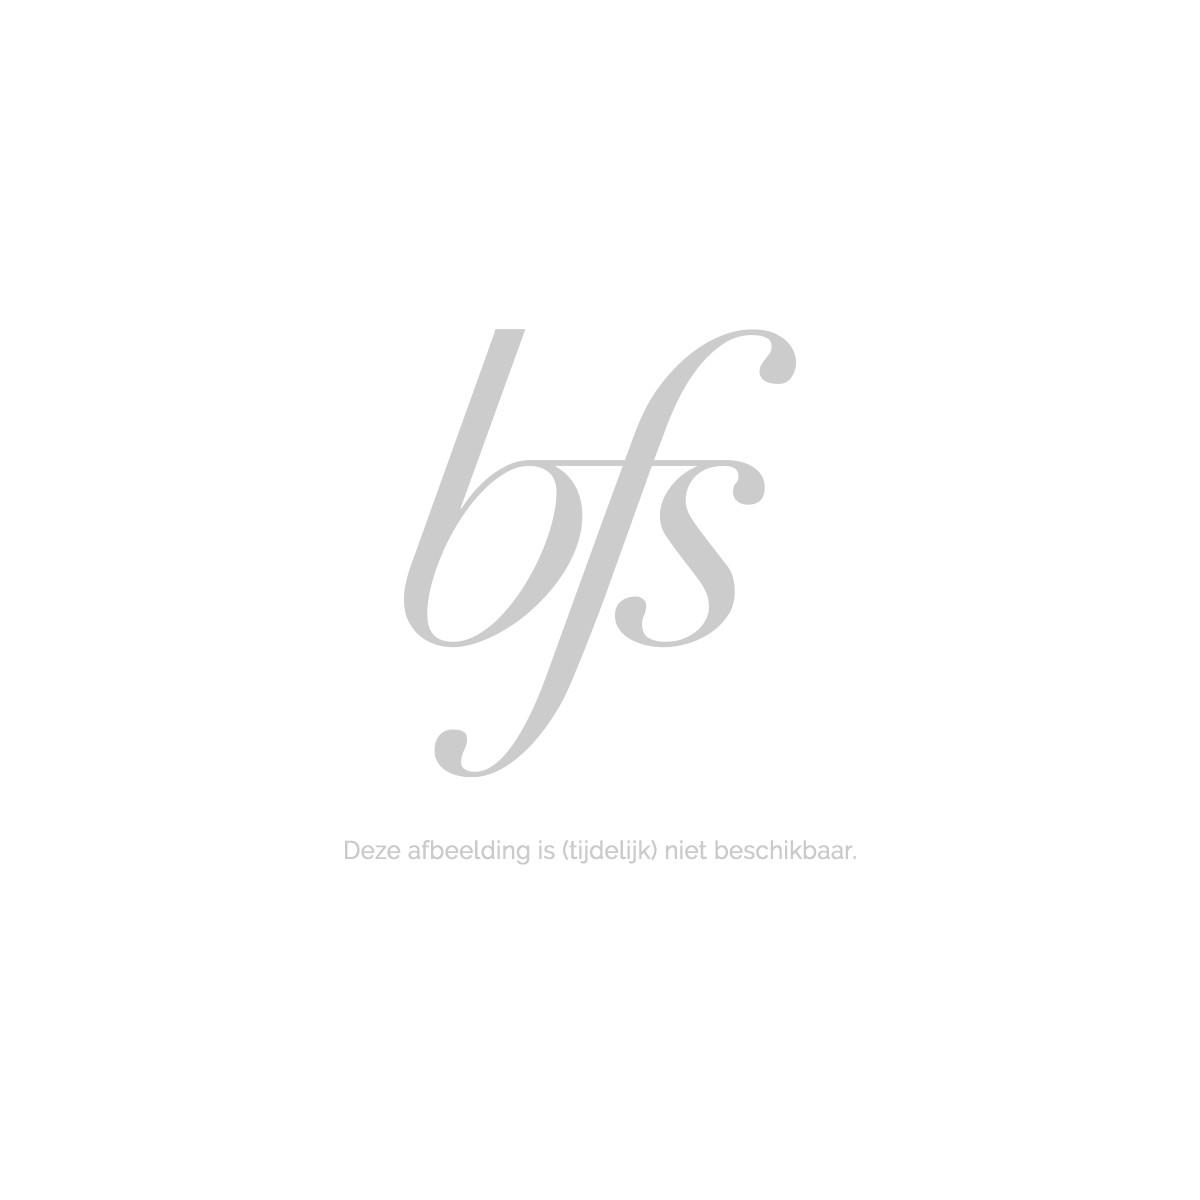 Pupa IM Pupa Lipstick 406 Fuchsia Maniac